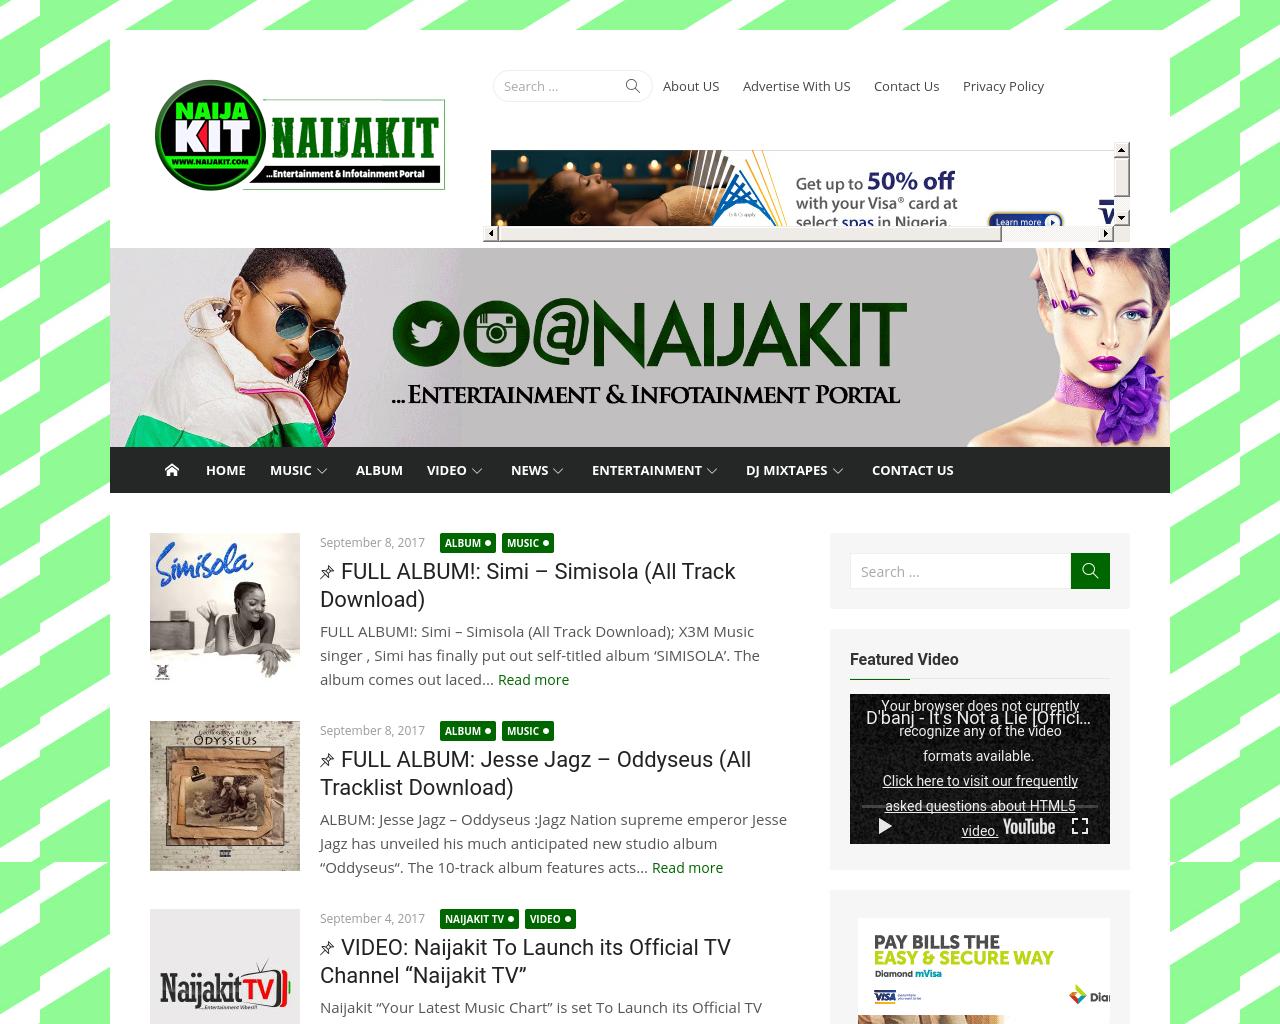 Naijakit-Advertising-Reviews-Pricing